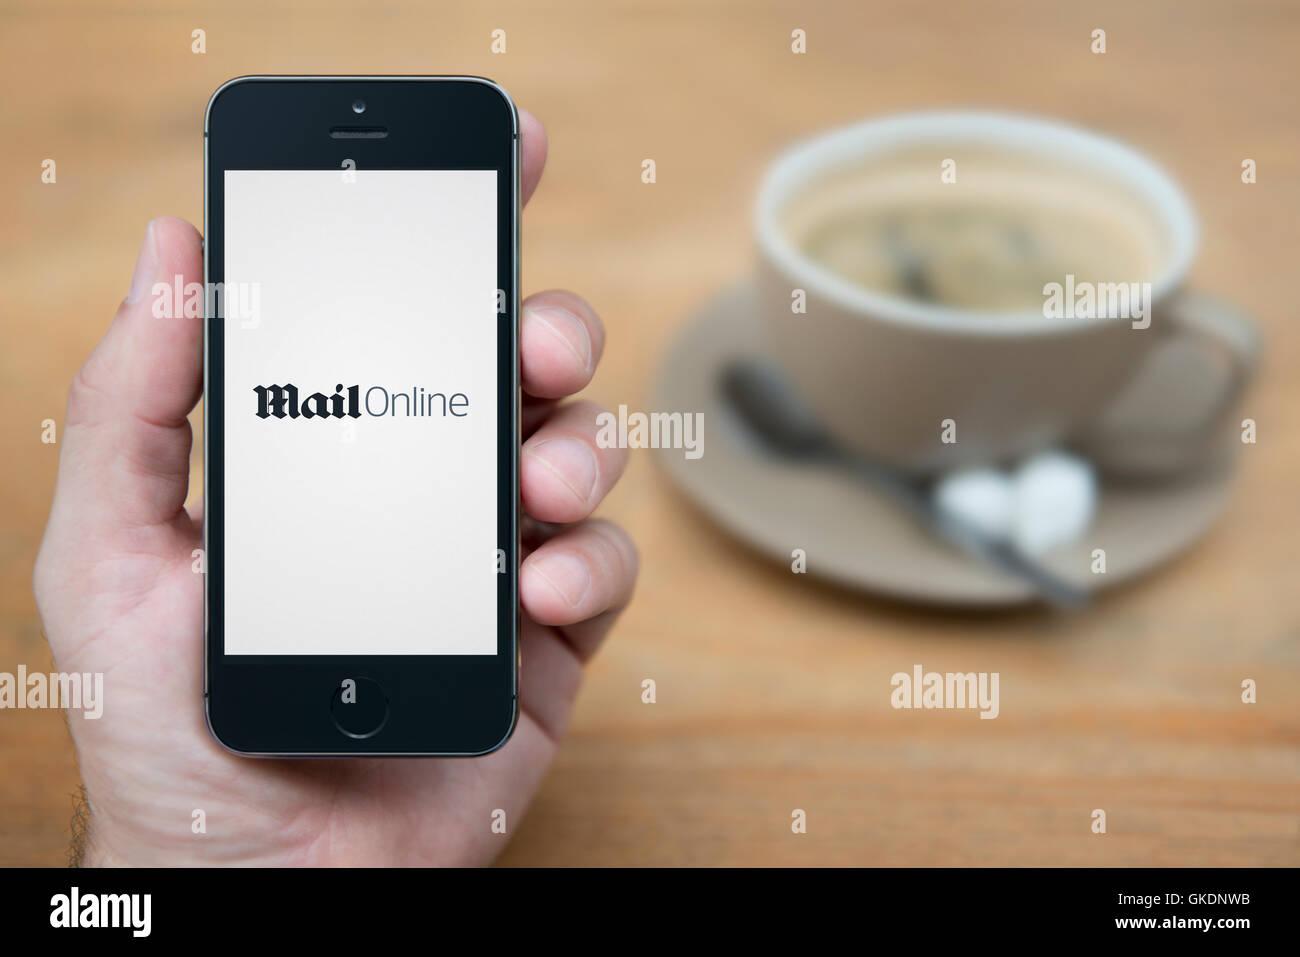 Un hombre mira el iPhone que muestra el logotipo de correo en línea, mientras que se sentó con una taza Imagen De Stock